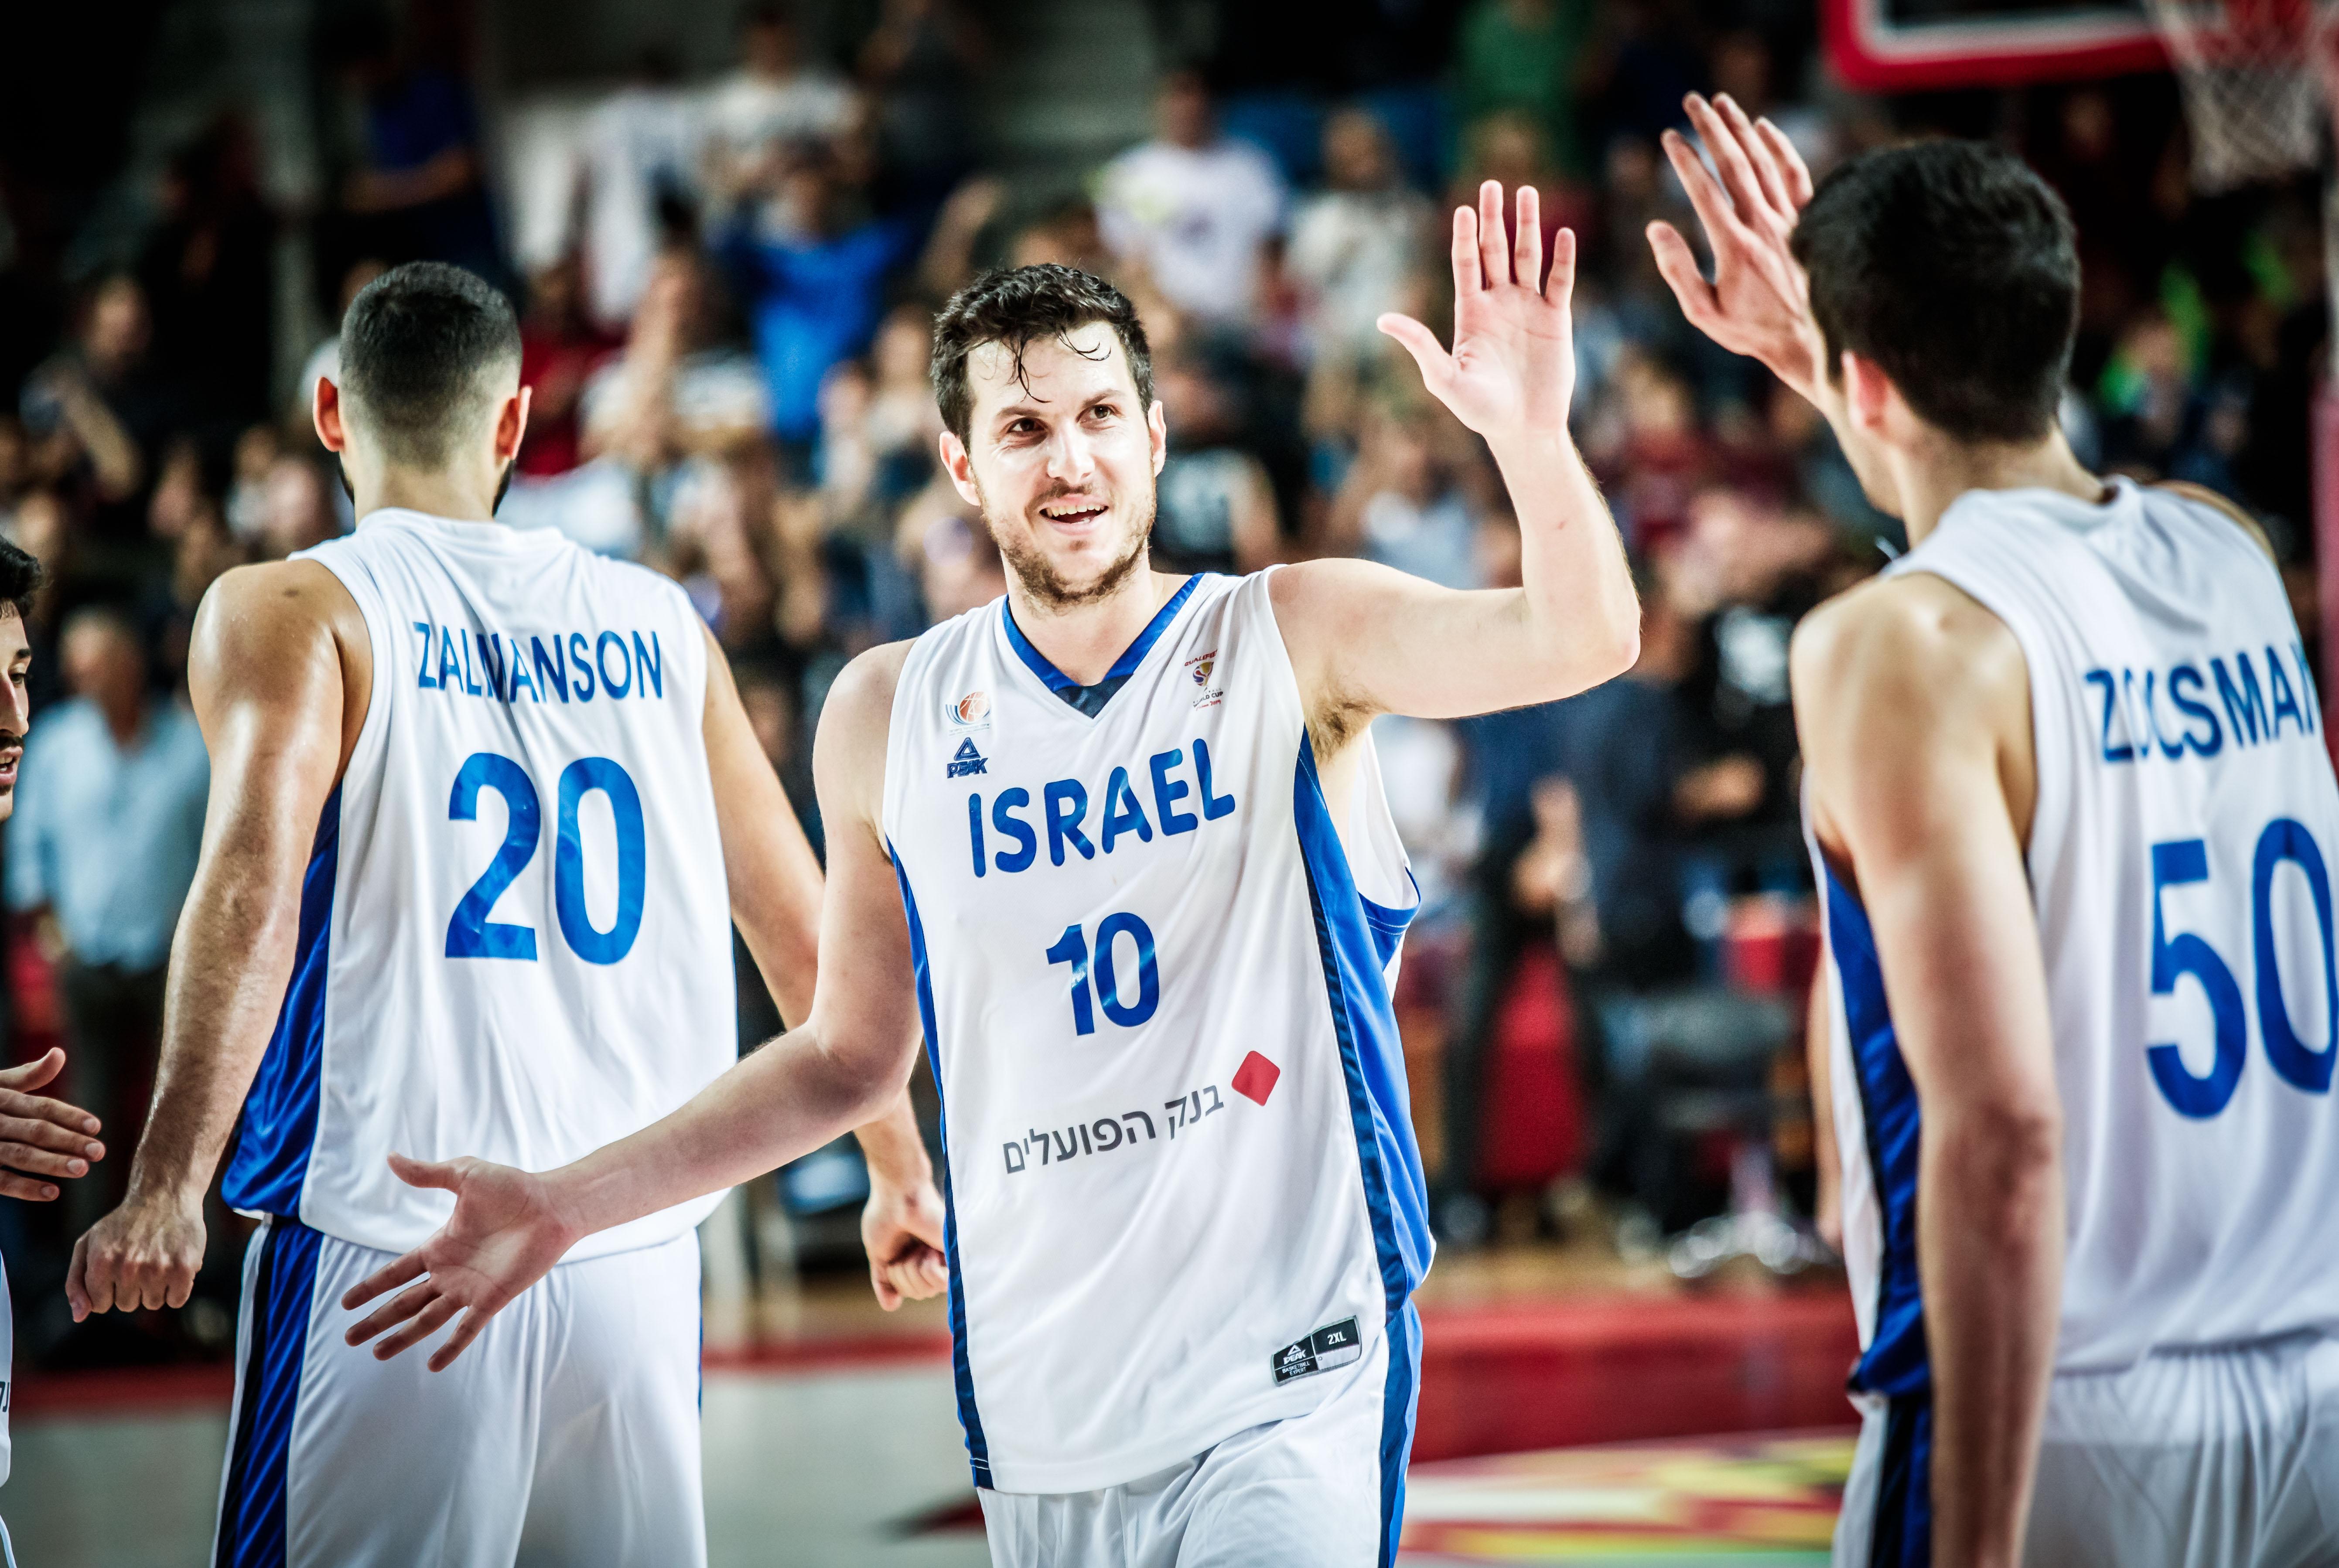 74-83 גדול לישראל על סרביה